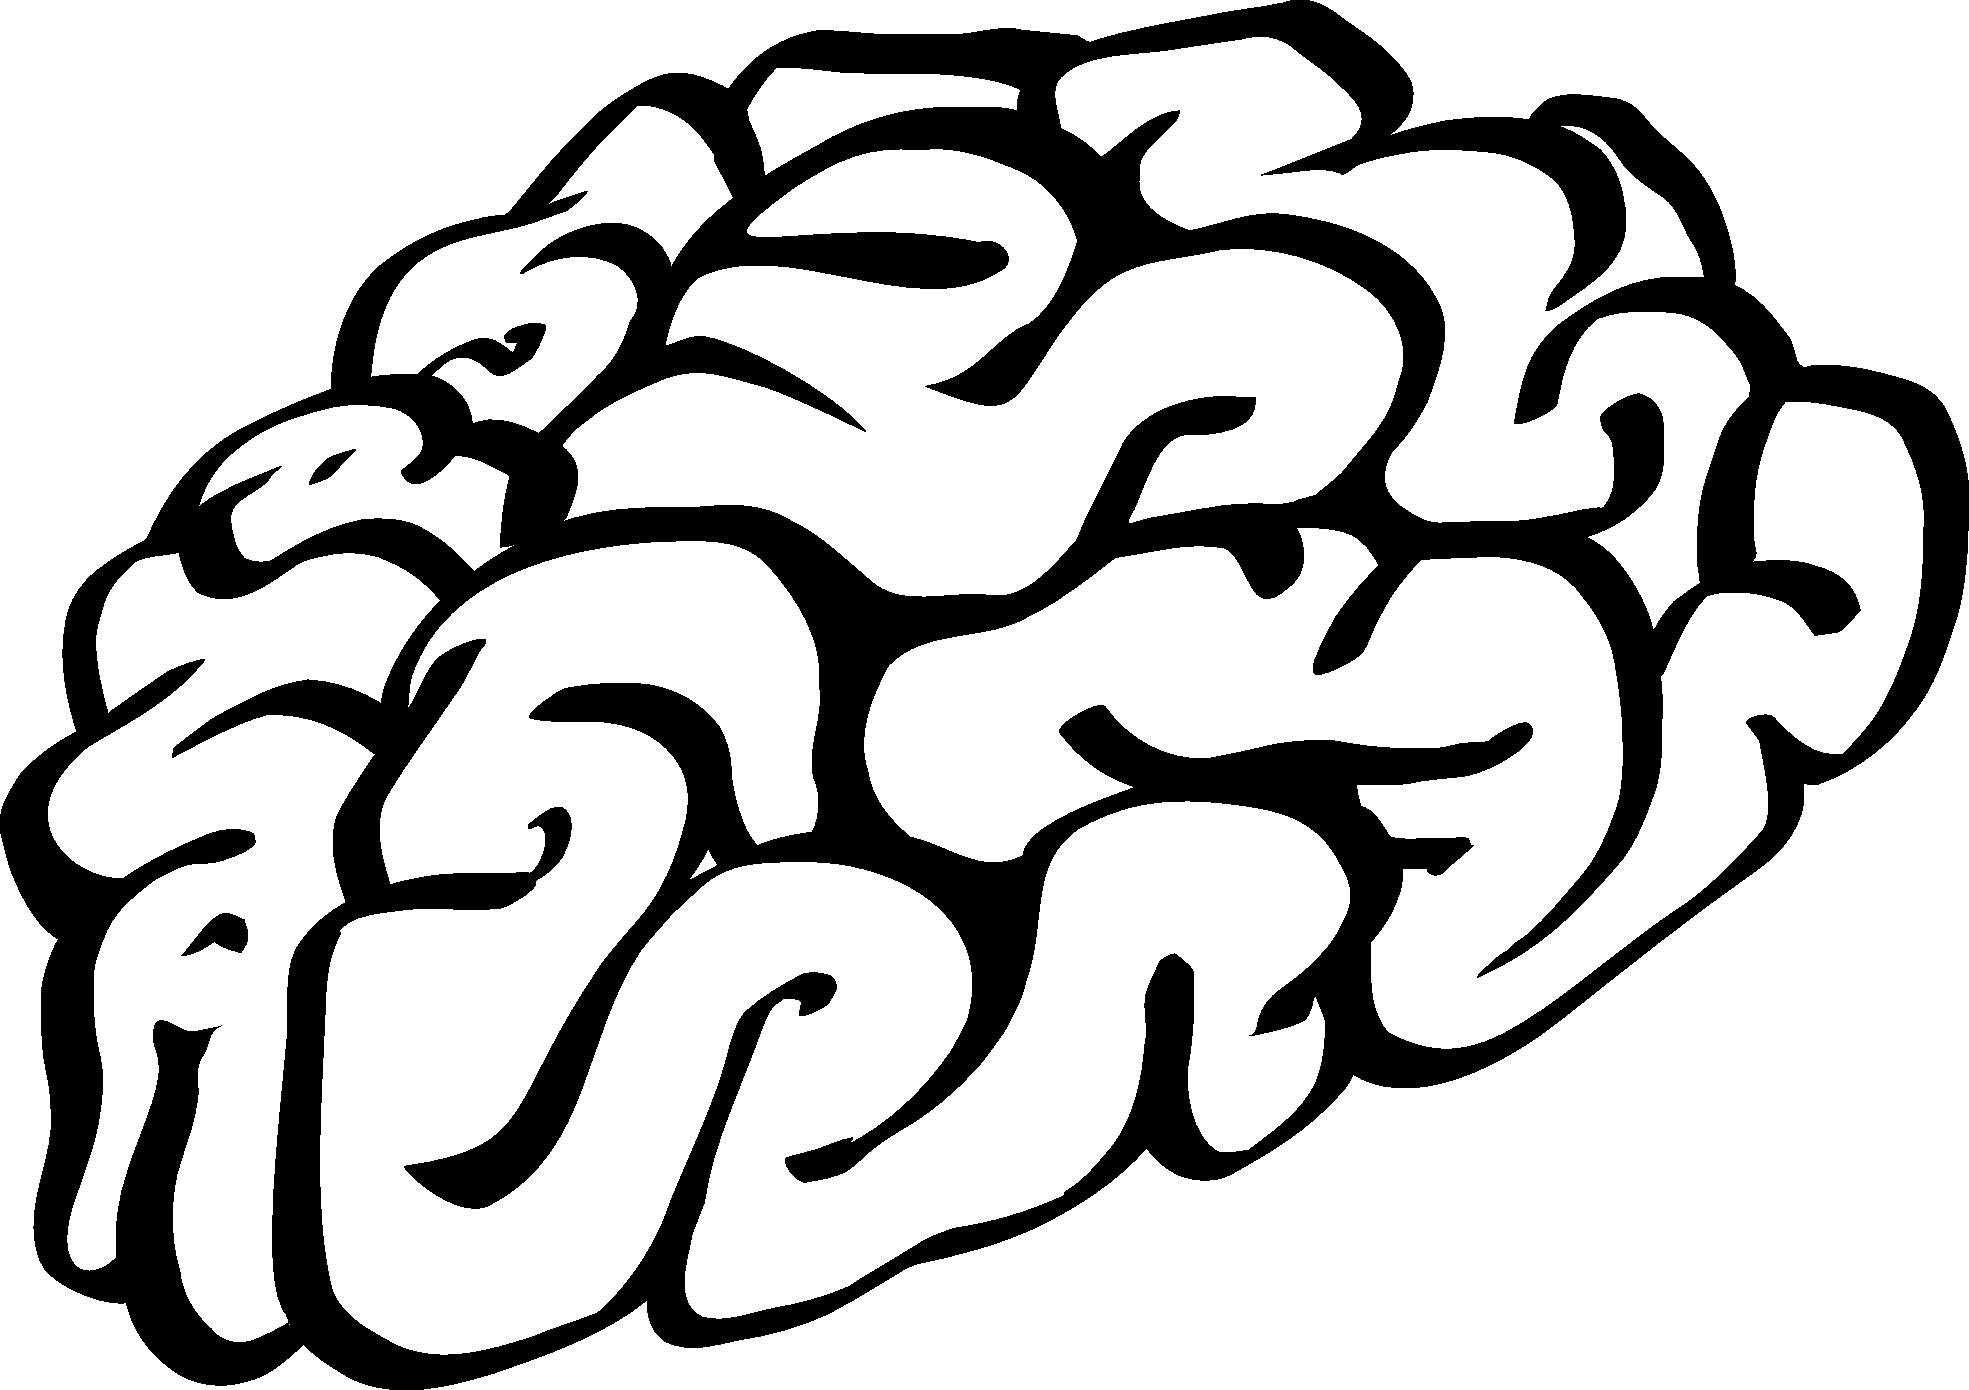 1969x1390 Brain Clip Art Black And White Human Brain Cartoon Of A Black